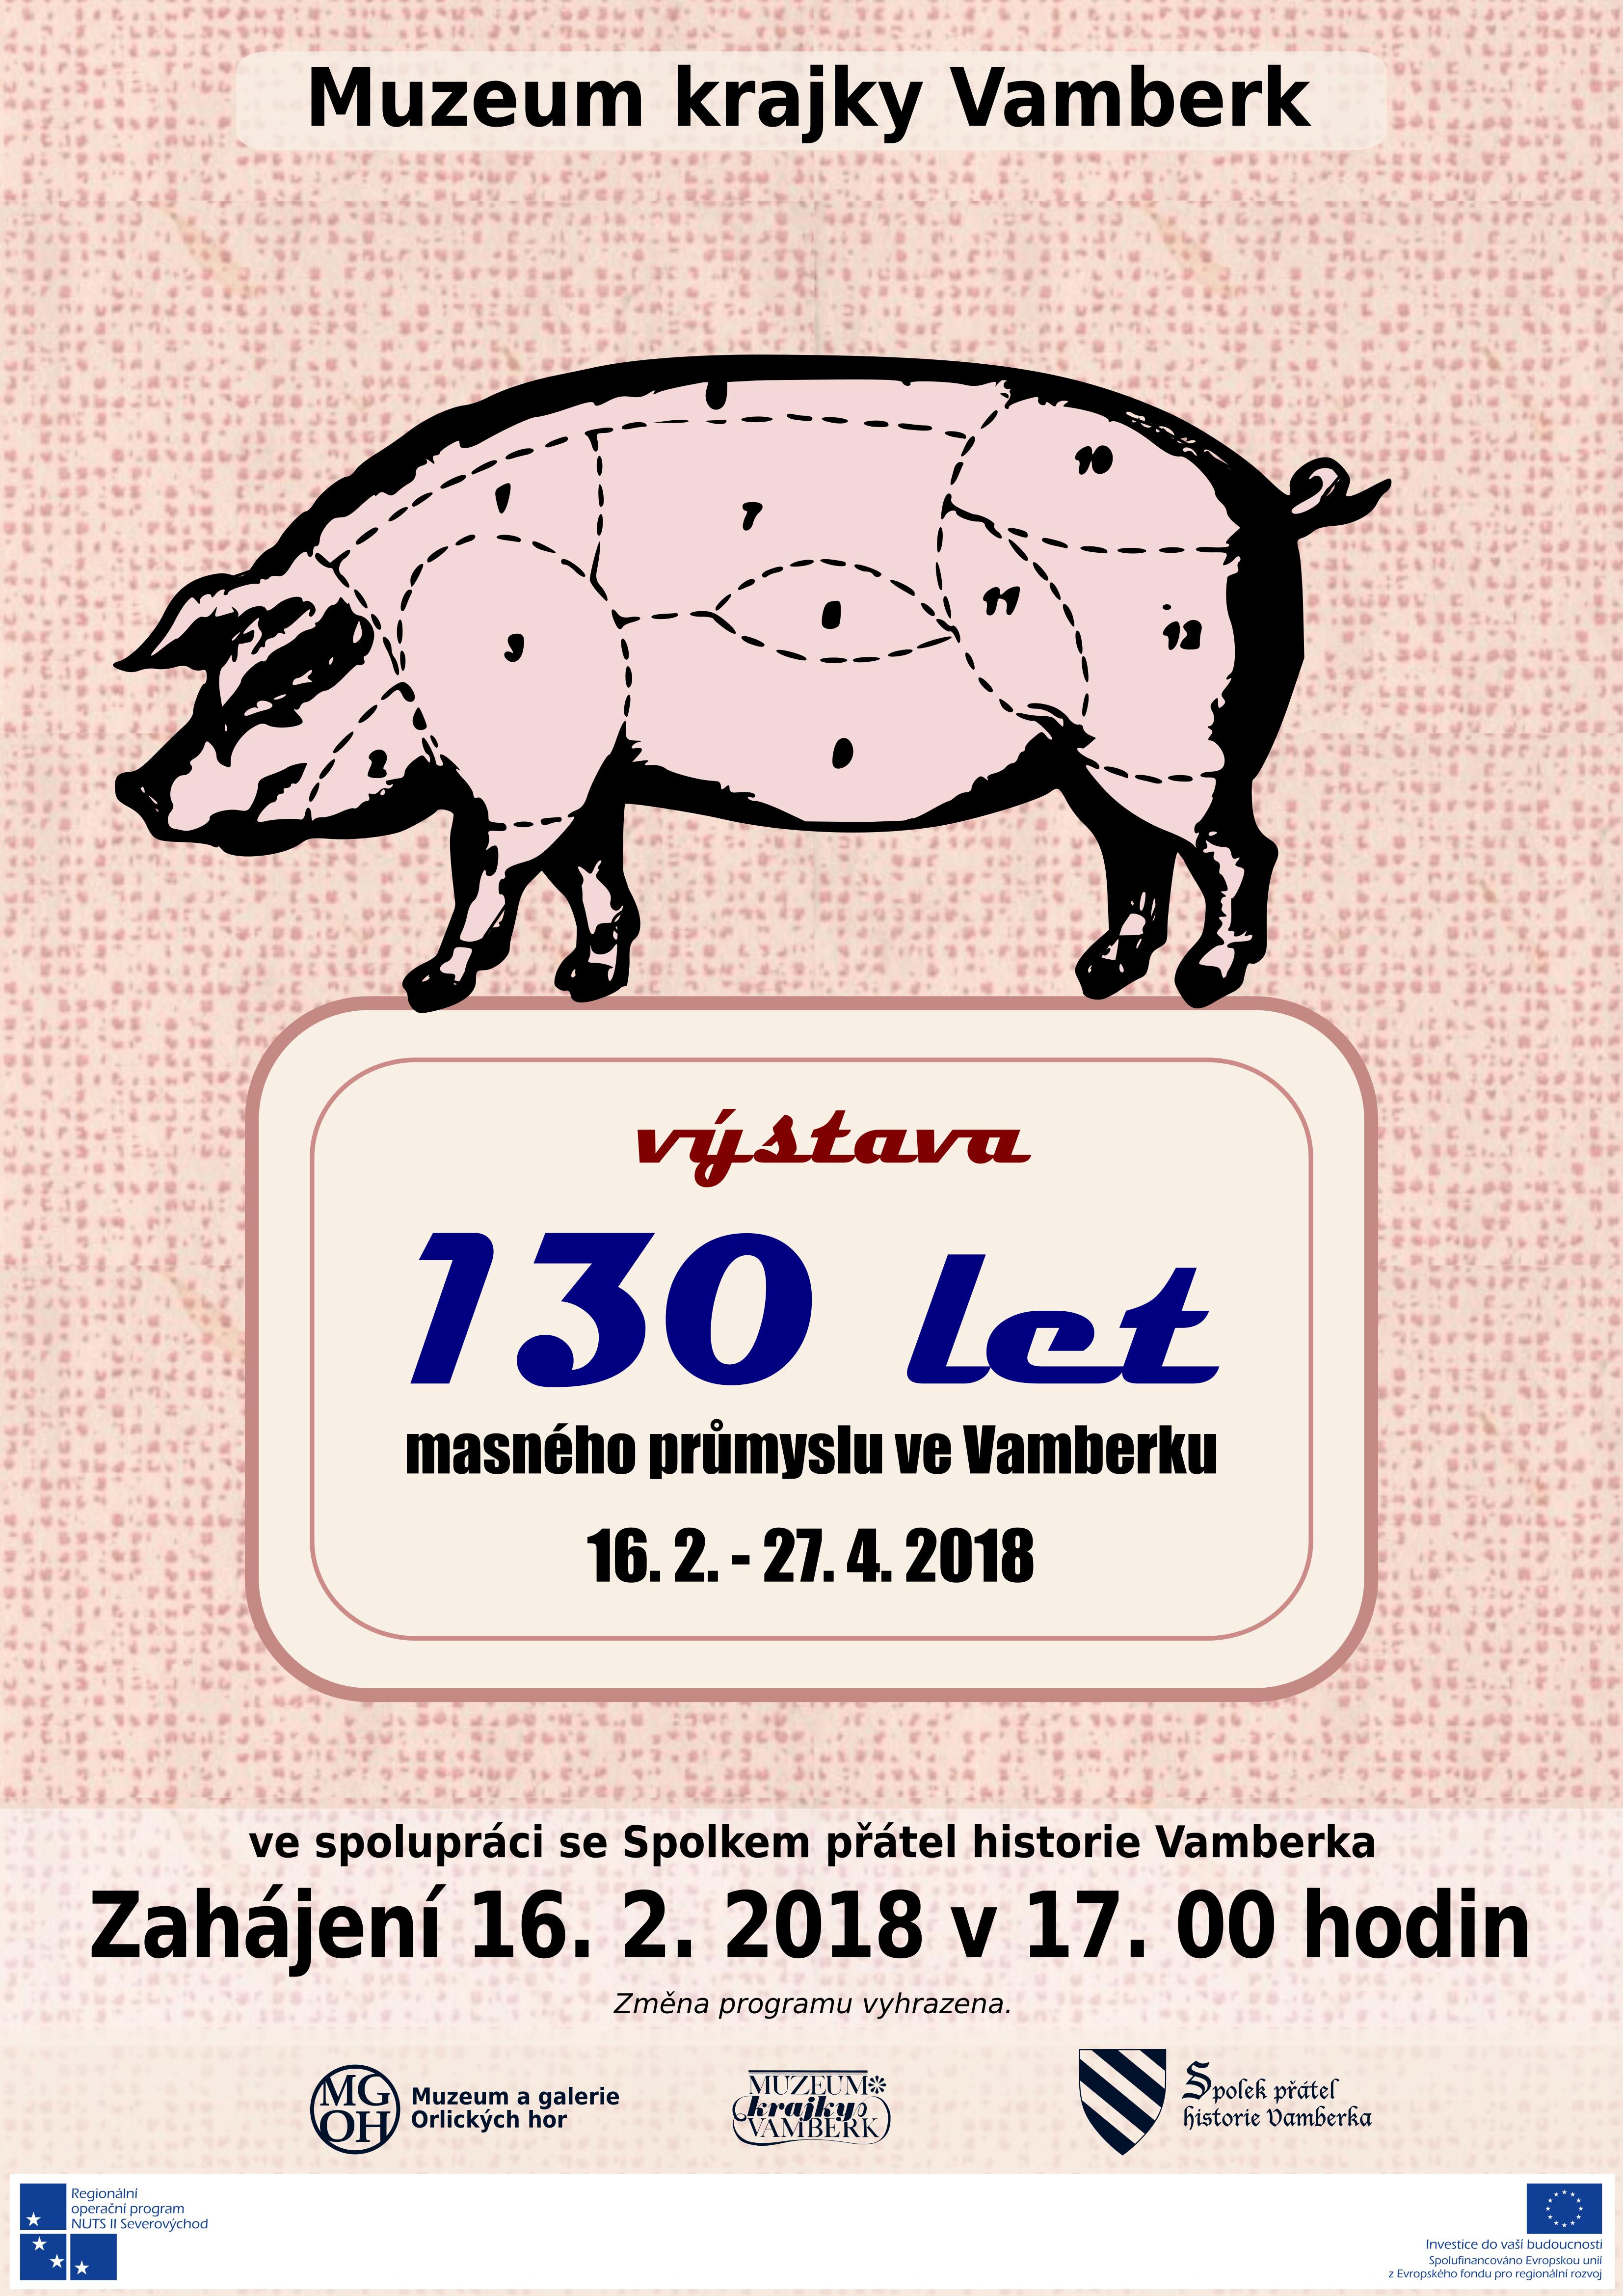 16.02. - 27.04.2018 - Výstava 130 let masného průmyslu